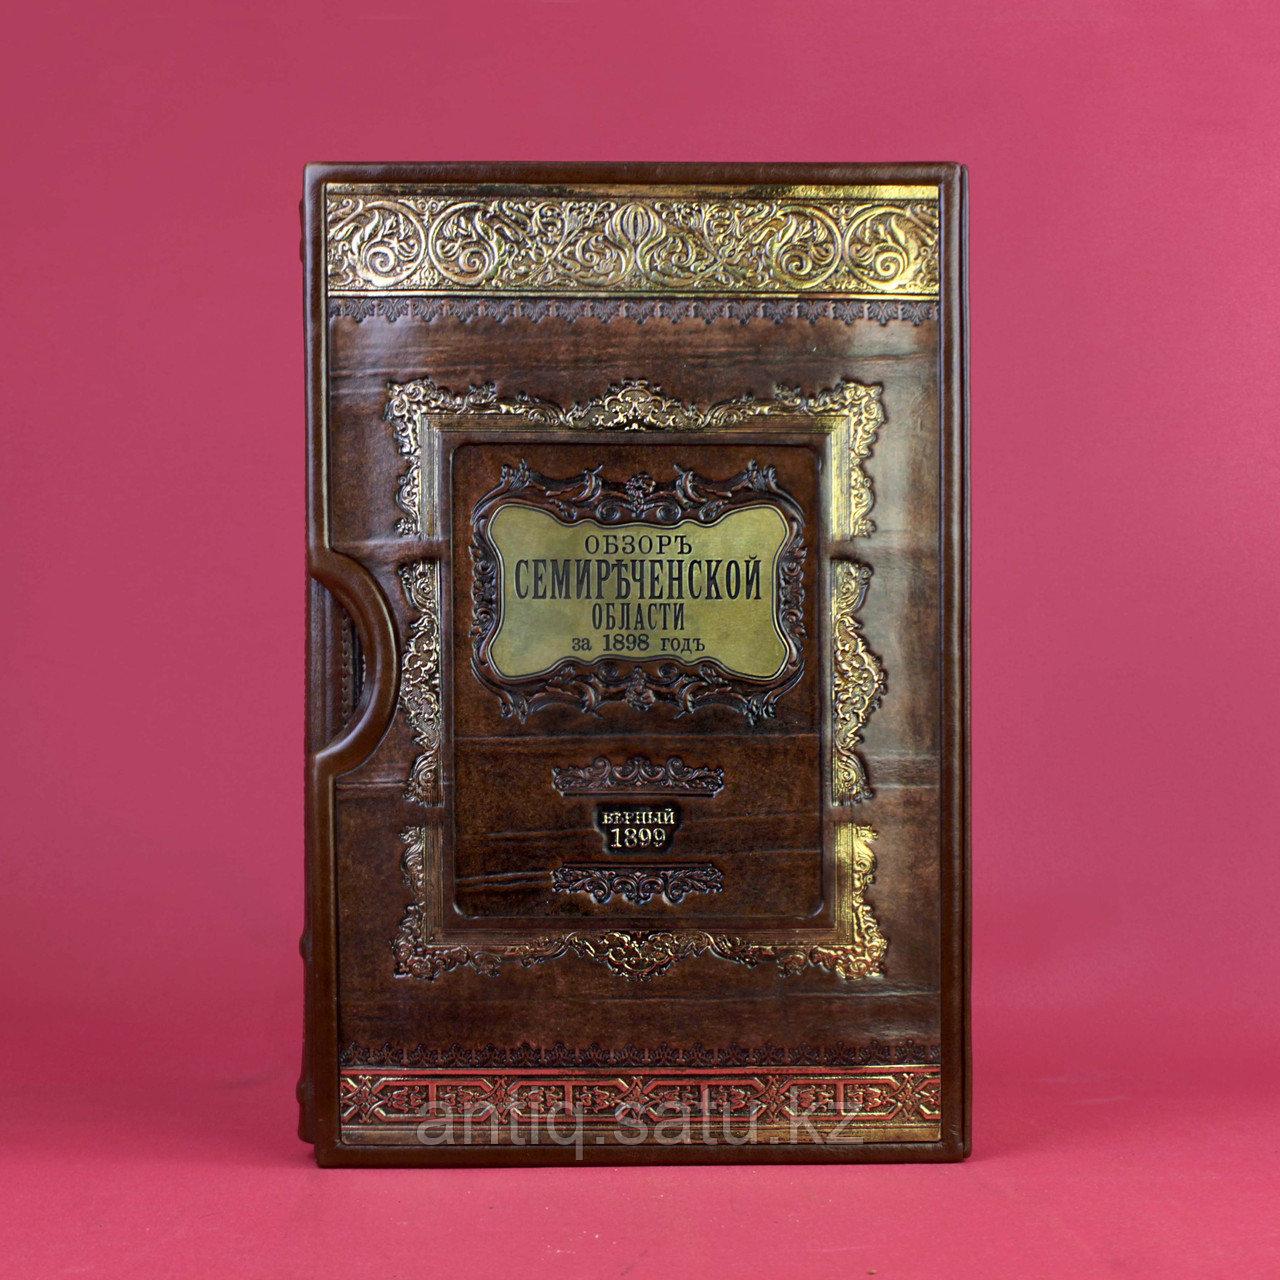 «Обзор Семиреченской области за 1898 год» Раритетное издание, отпечатано в г. Верный (Алматы) - фото 1